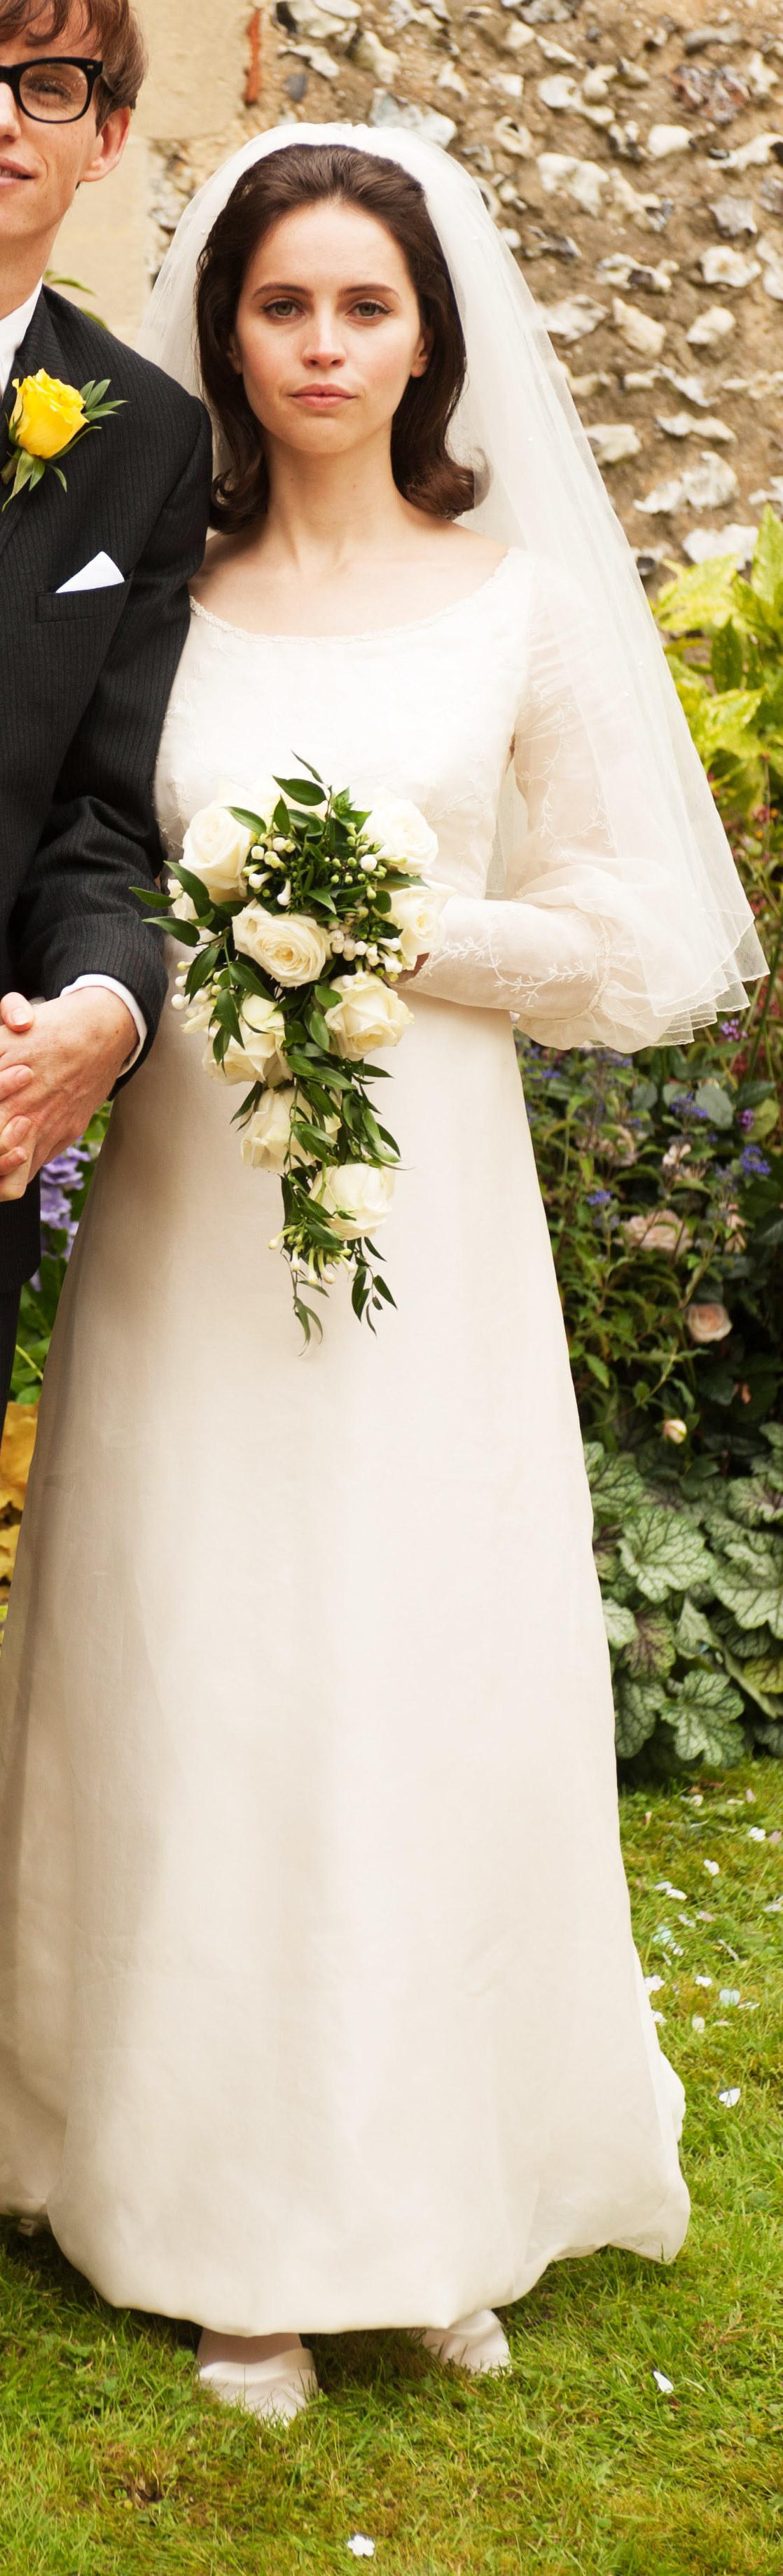 Jane Hawking wearing a wedding dress